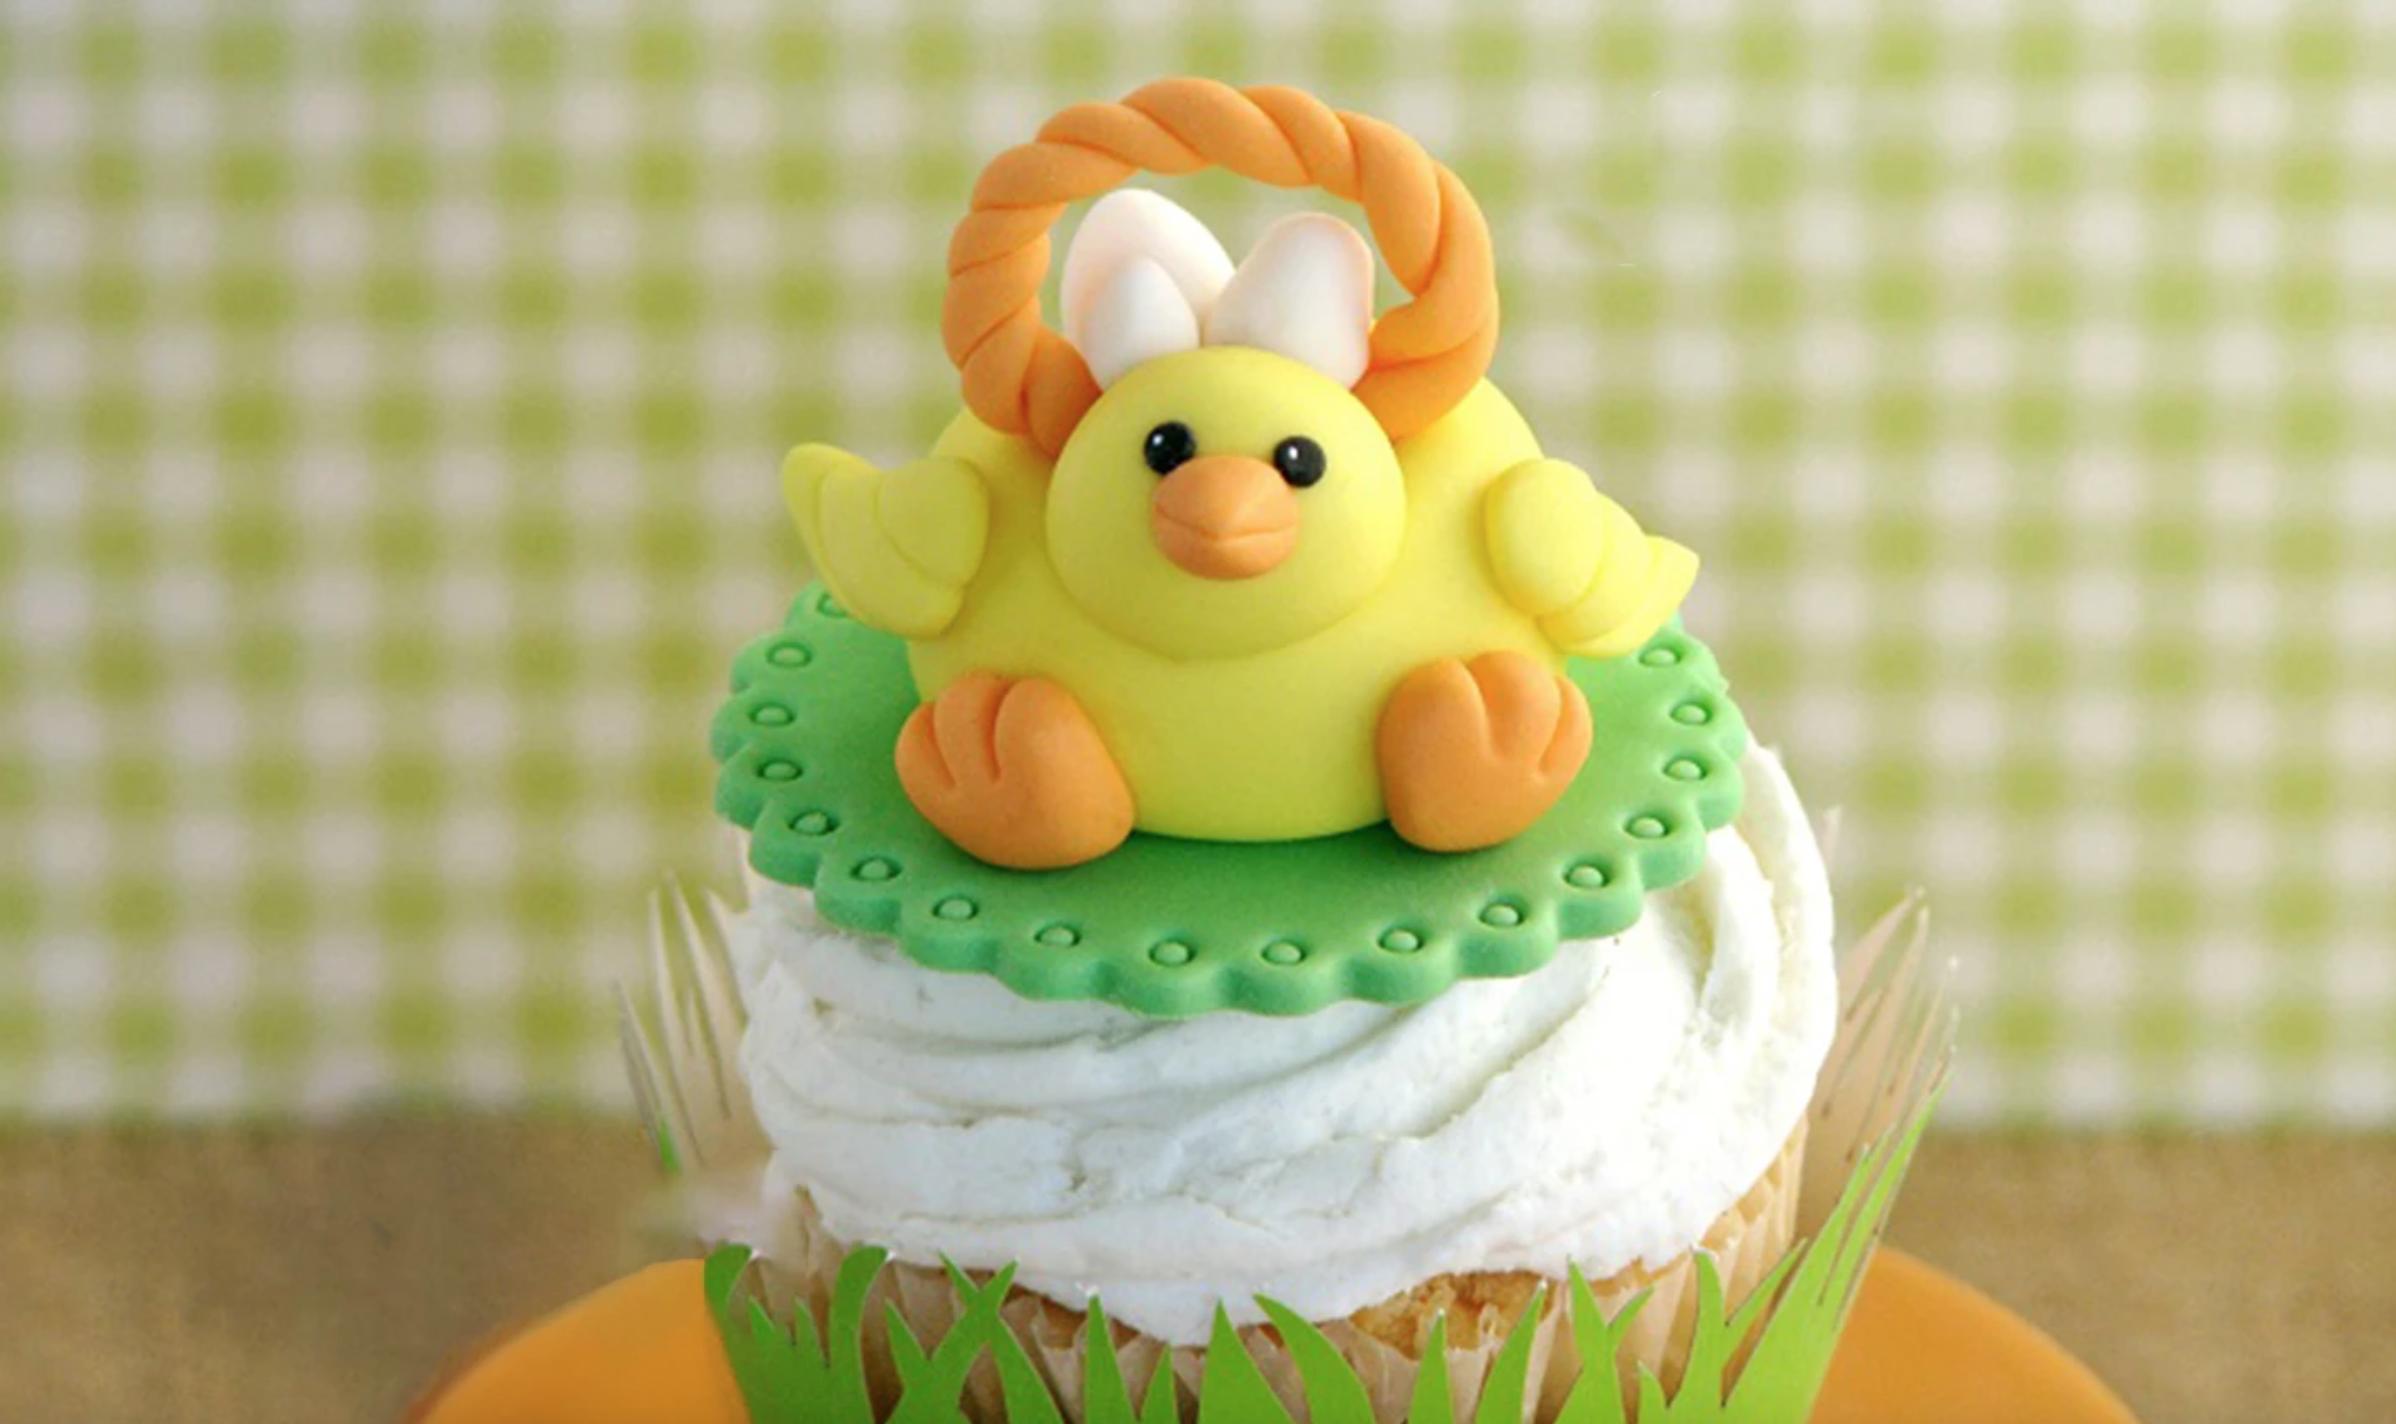 fondant easter chick cake topper